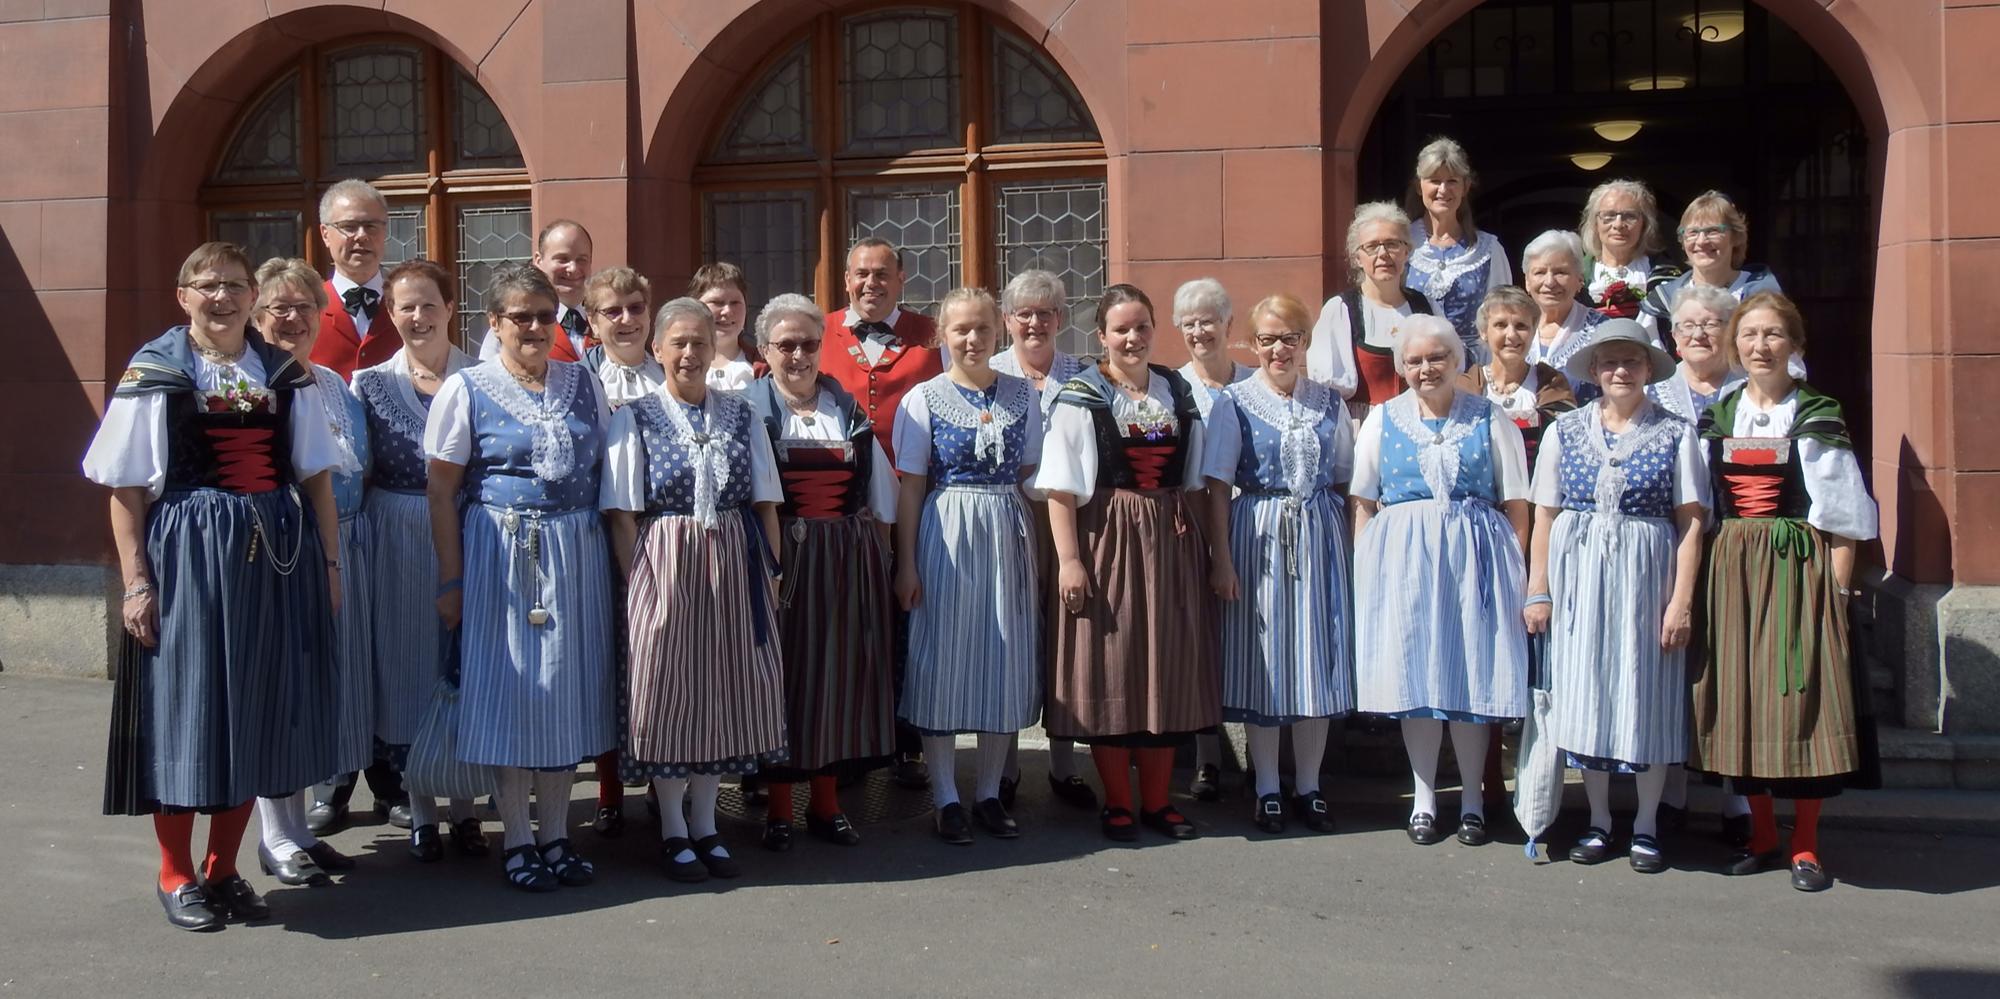 Trachtengruppe Liestal Maitanzen 2019